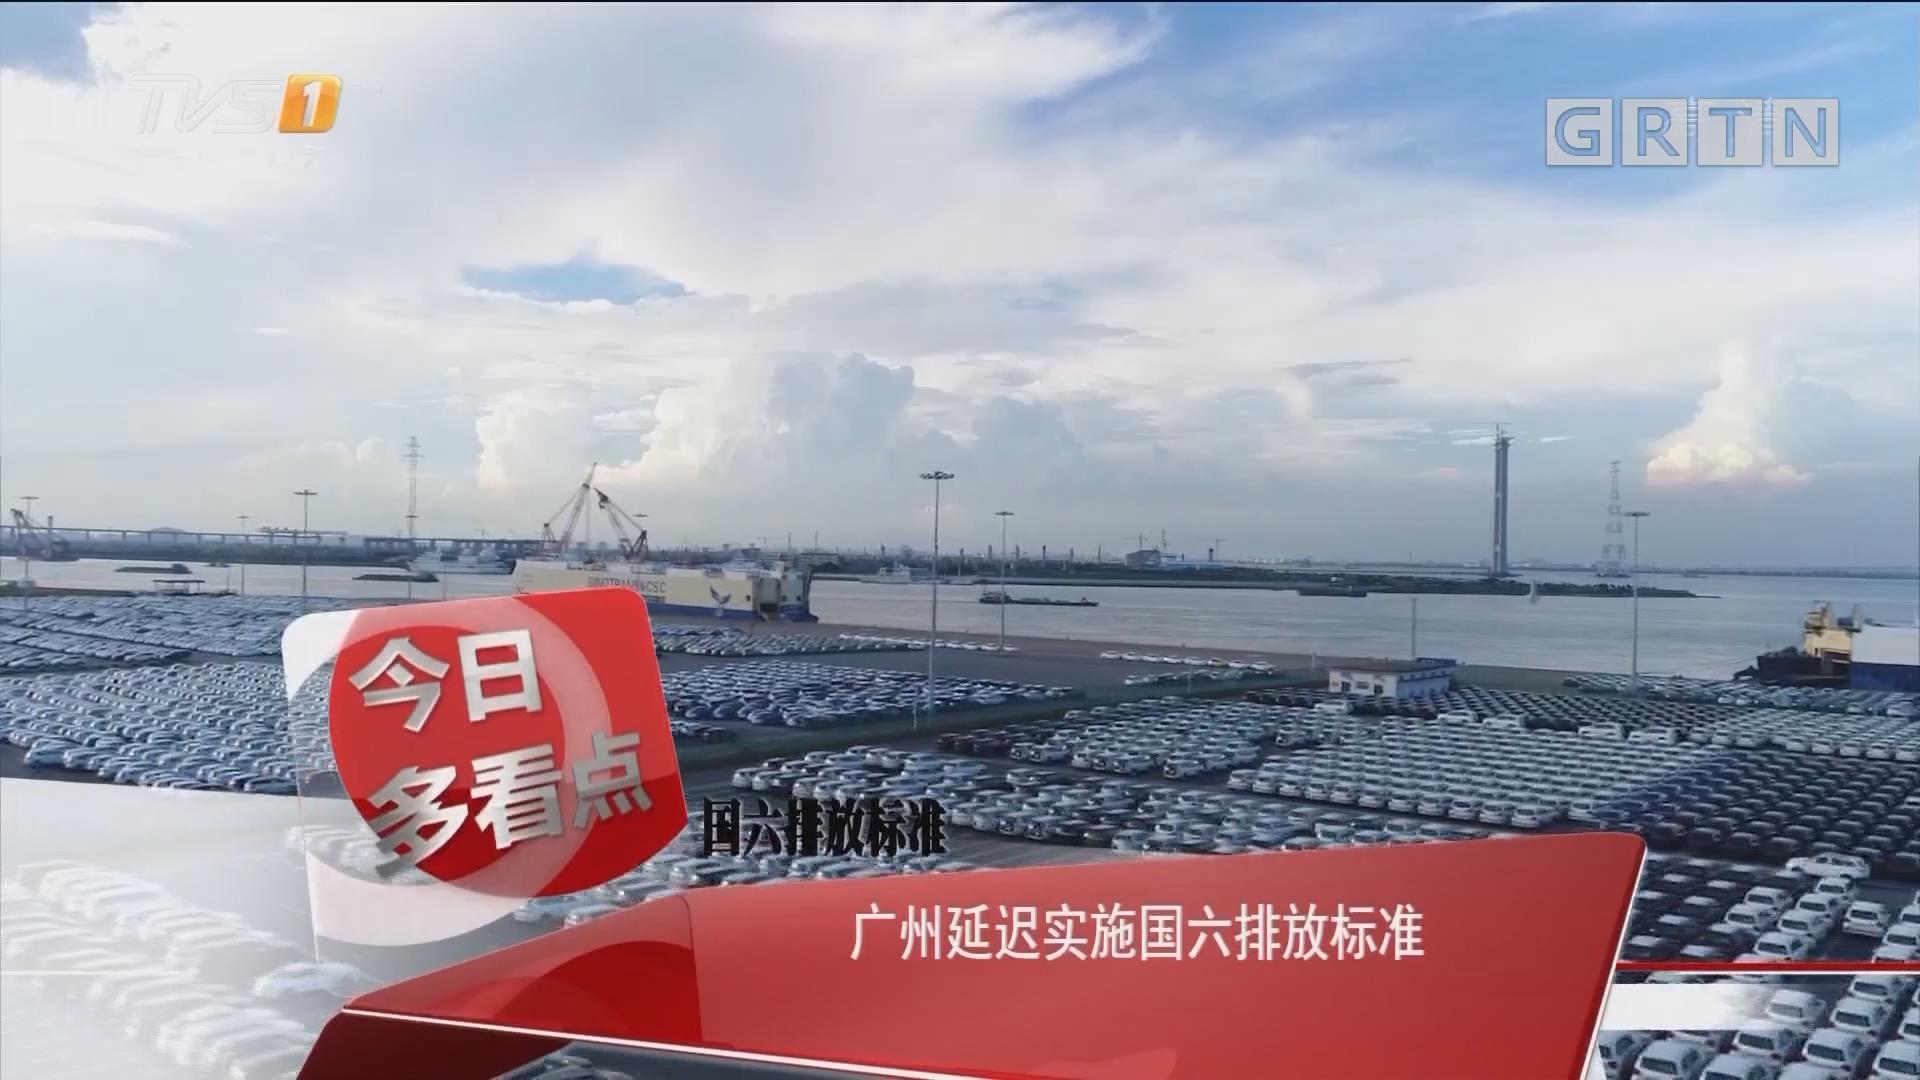 国六排放标准:广州延迟实施国六排放标准